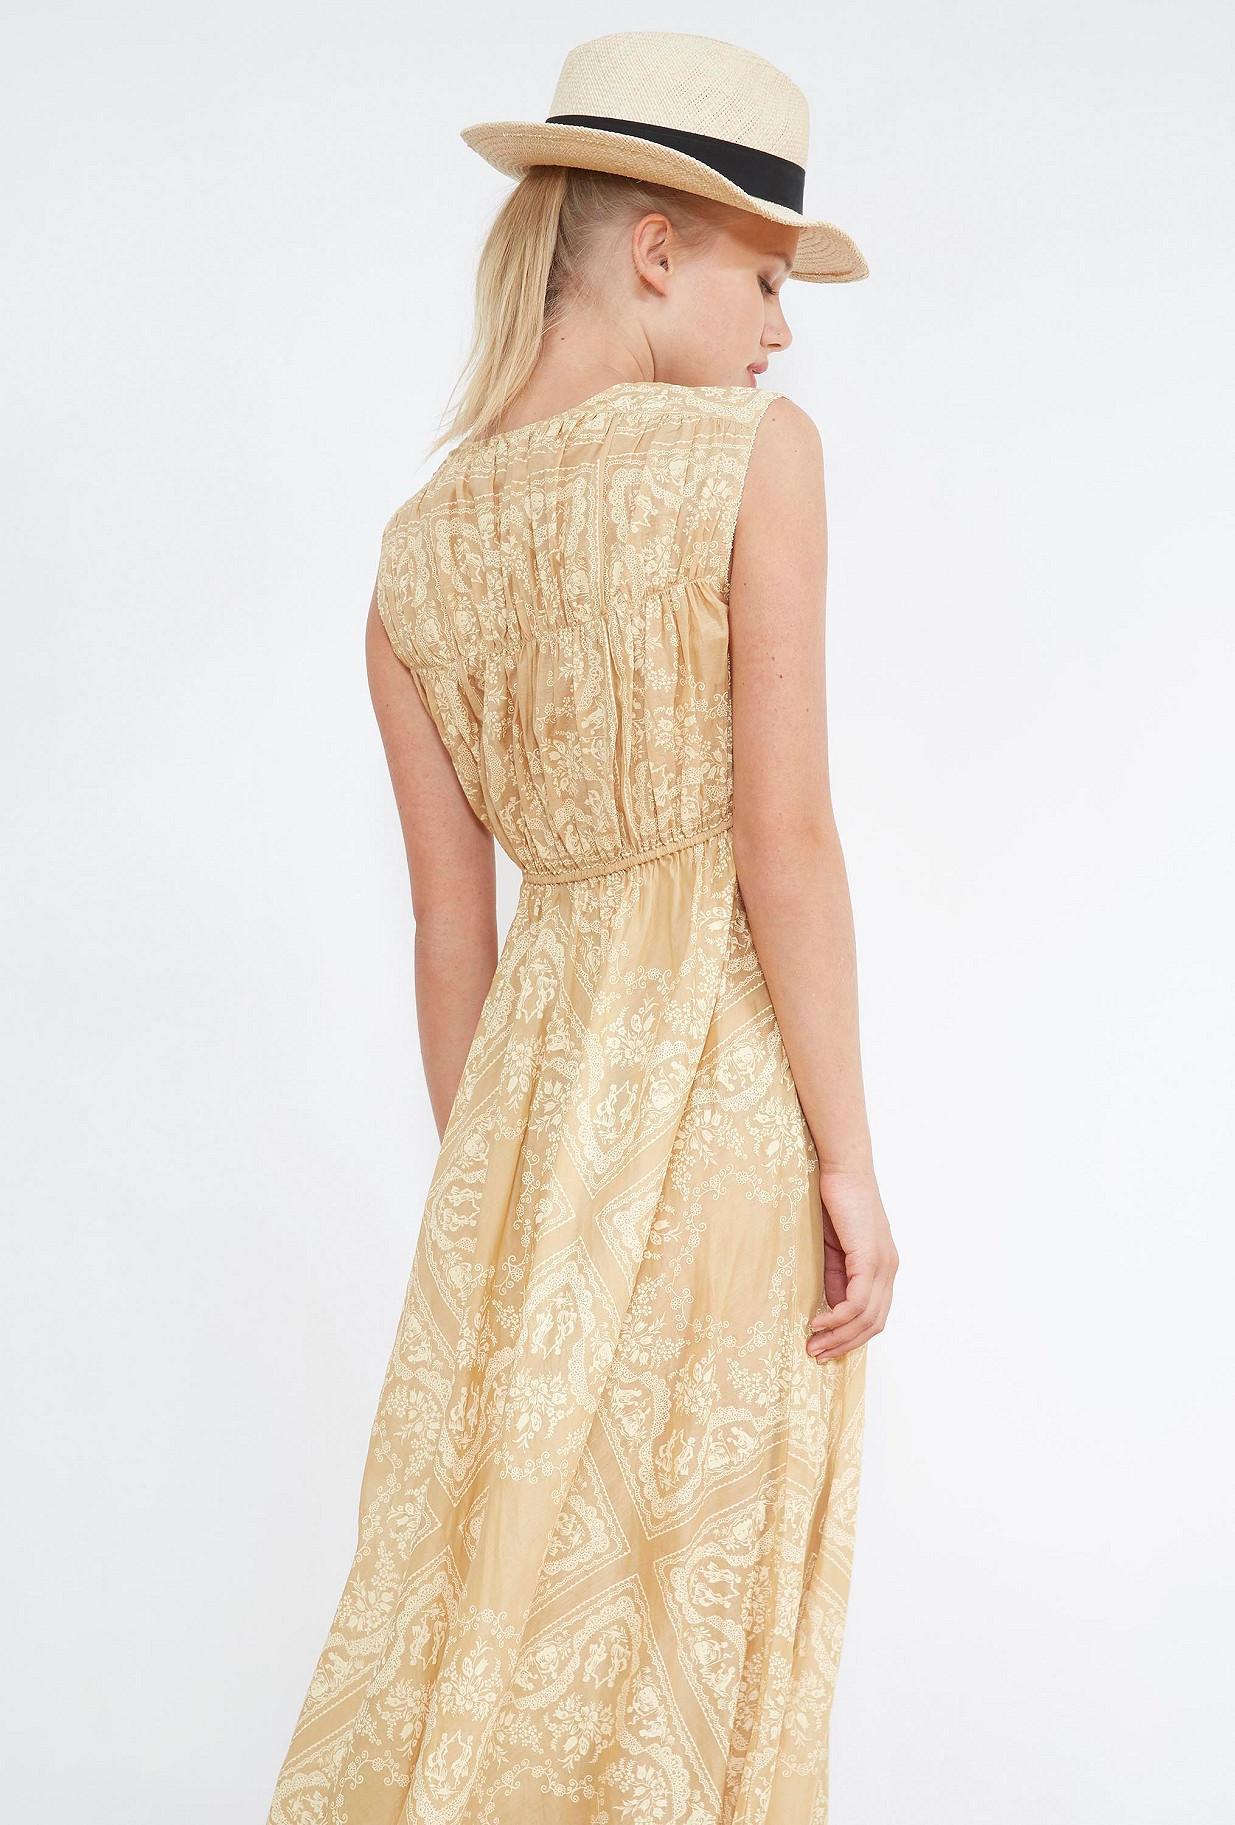 Natural  DRESS  Joyce Mes demoiselles fashion clothes designer Paris